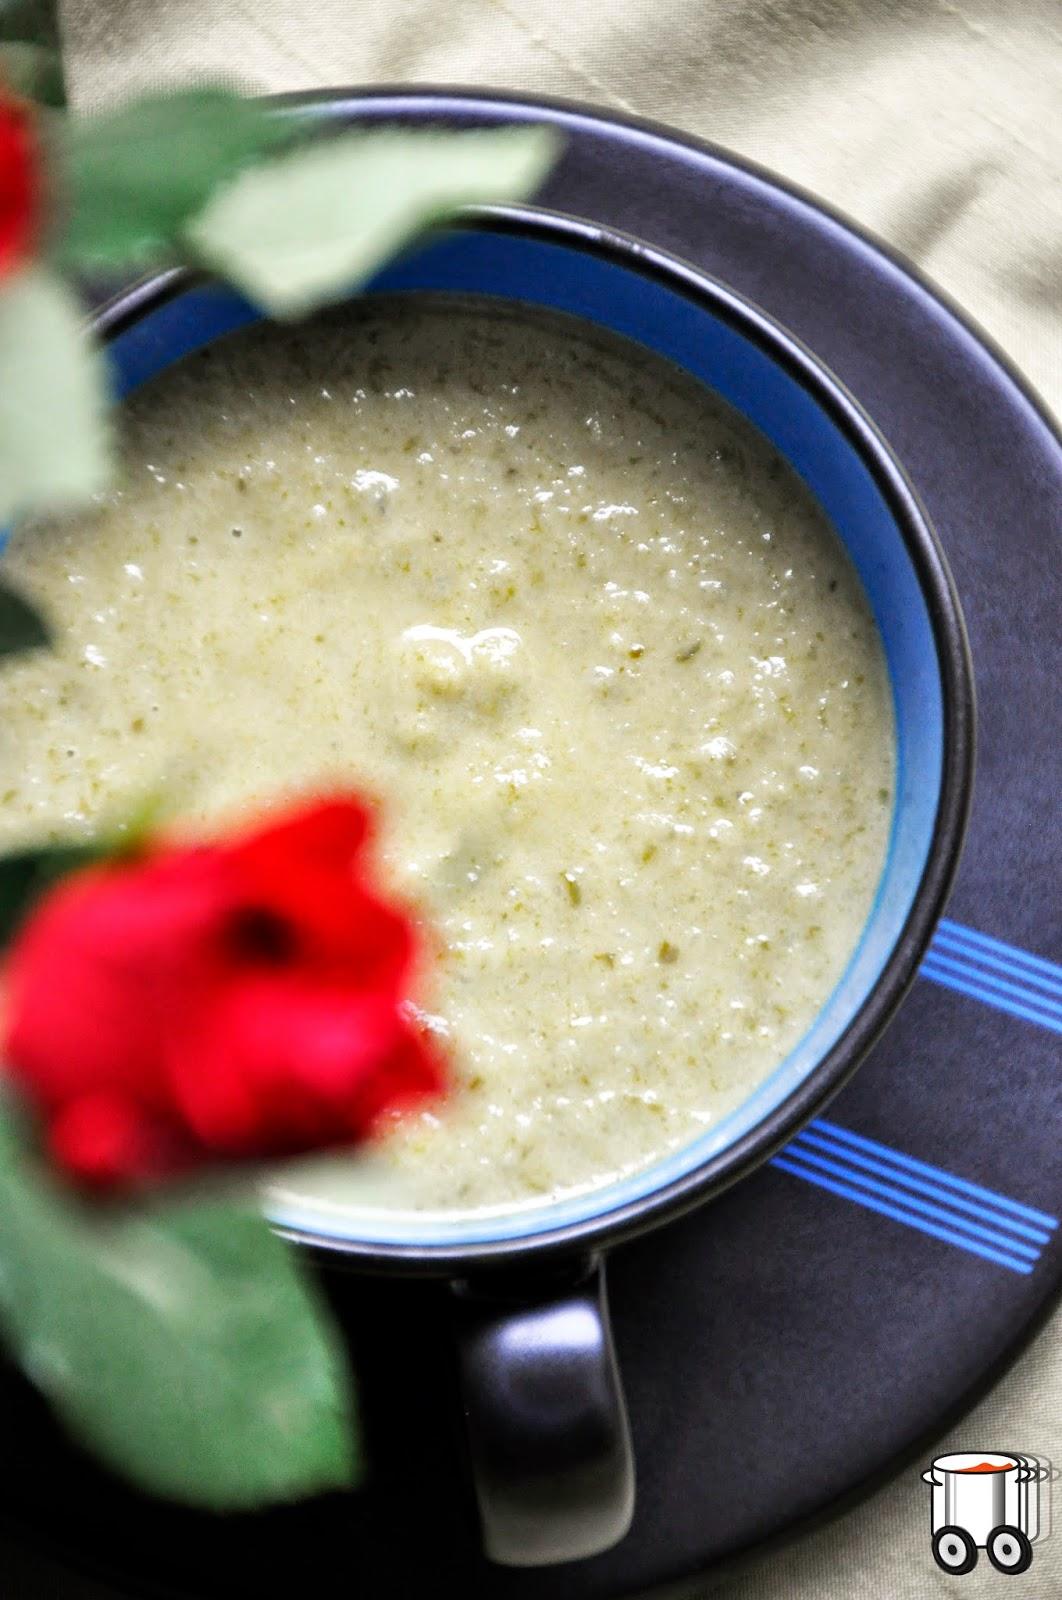 Szybko Tanio Smacznie - Przepyszna zupa z kalarepy i szpinaku